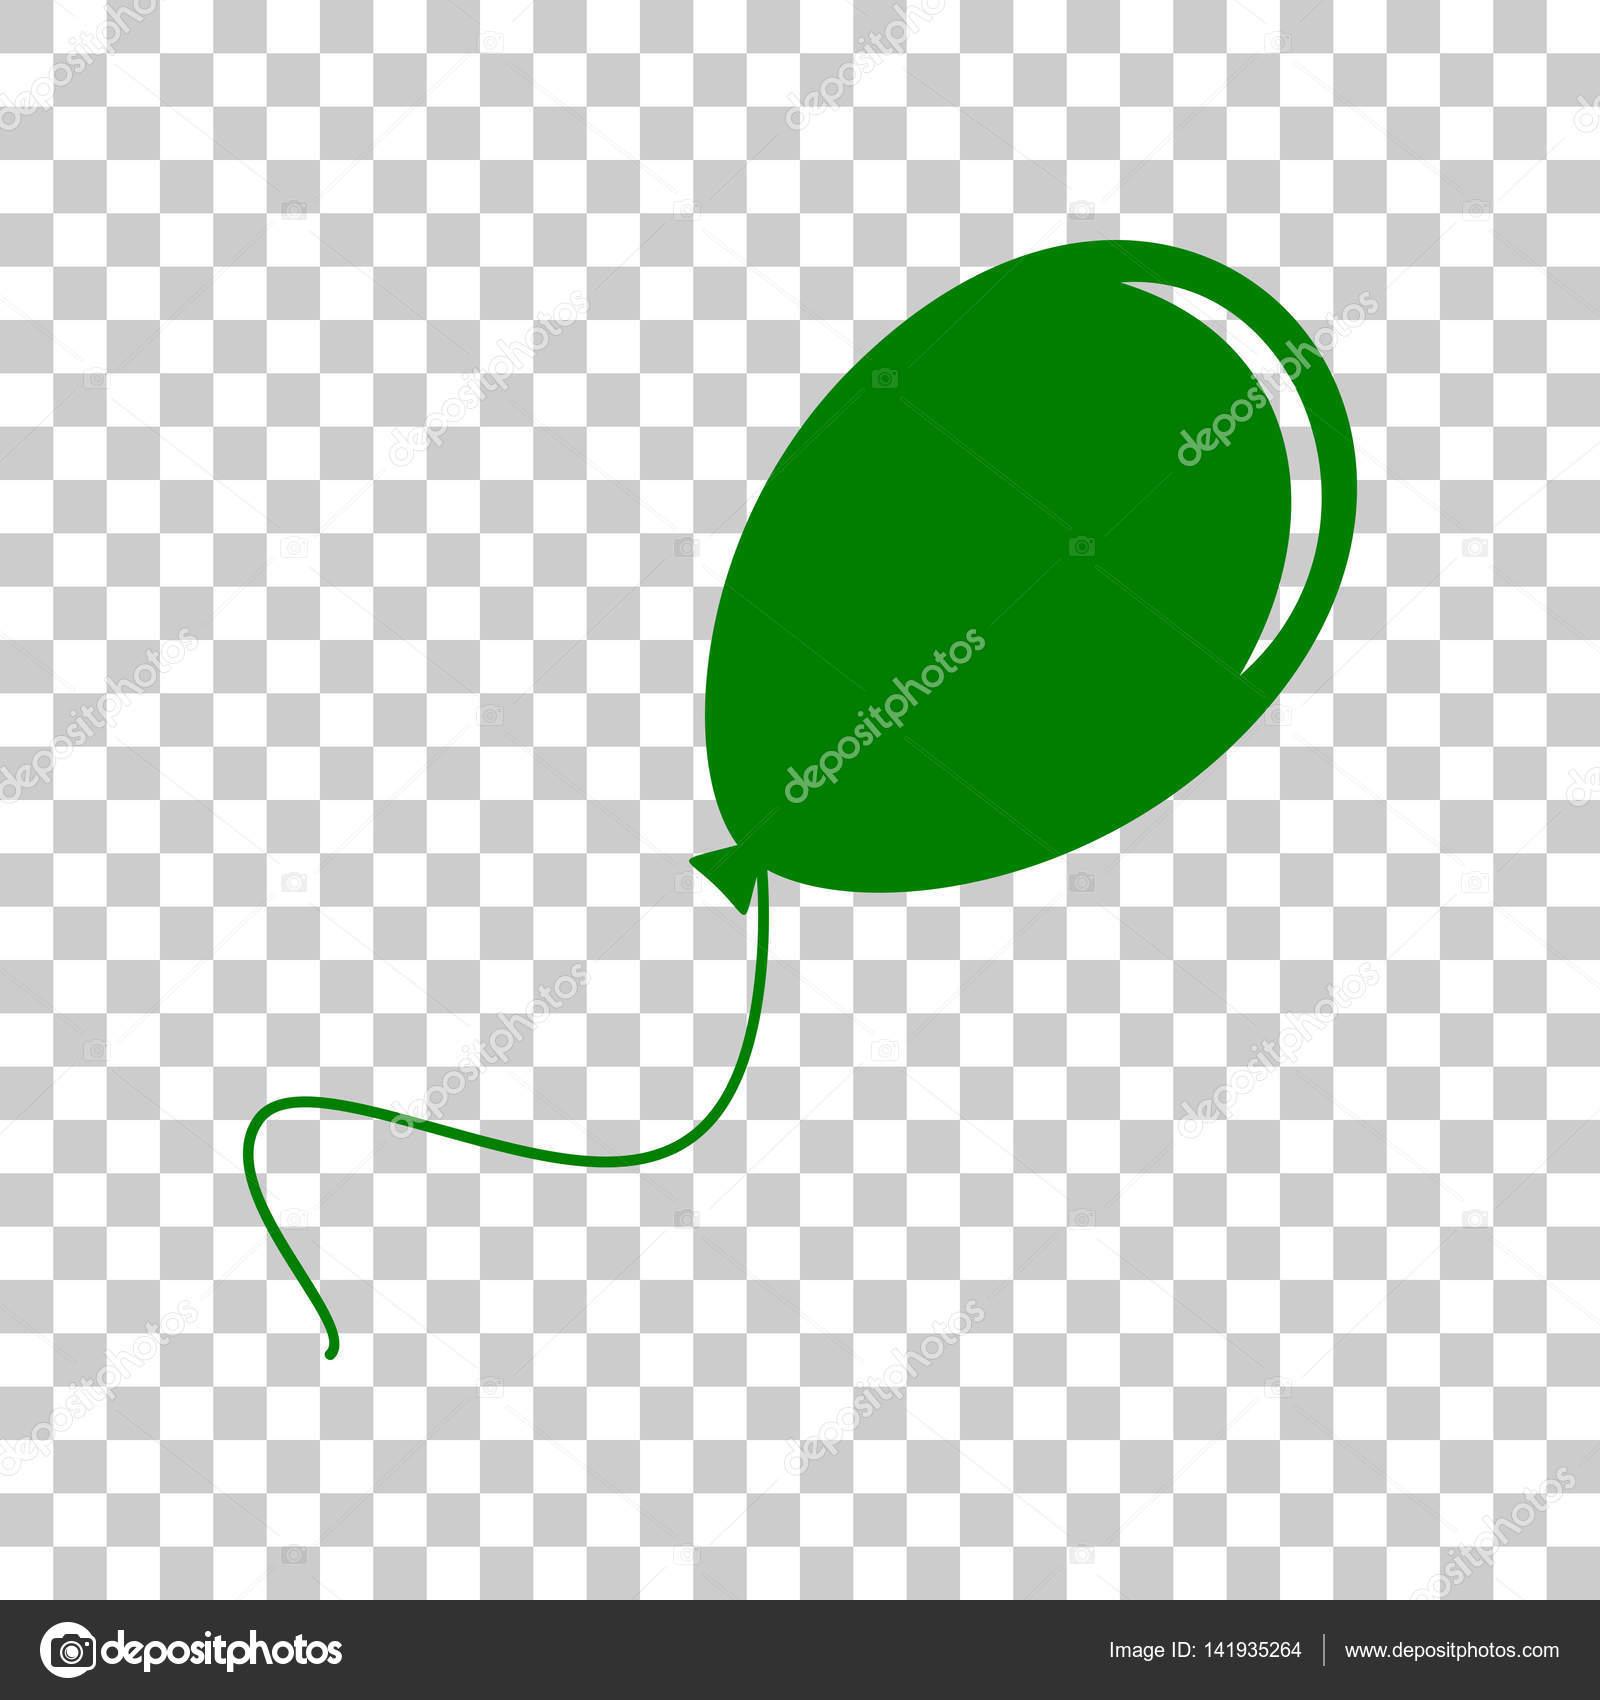 バルーン サイン イラスト。透明な背景に暗い緑色のアイコン — ストック